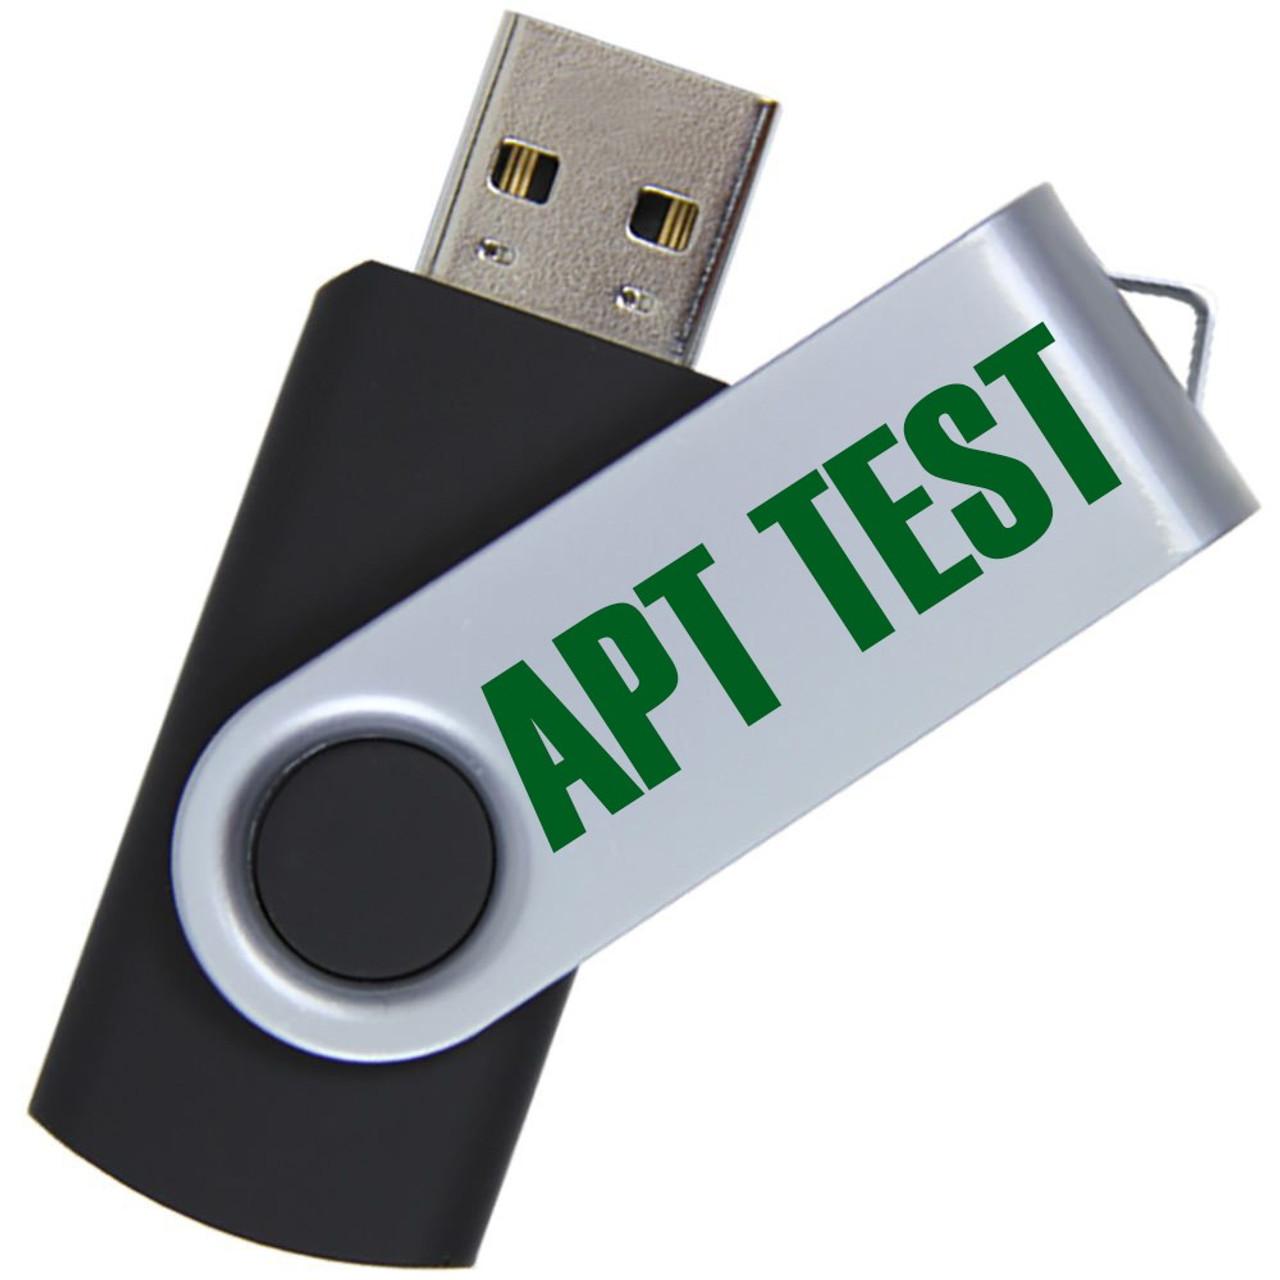 APT Test USB Drive w/Audio Files